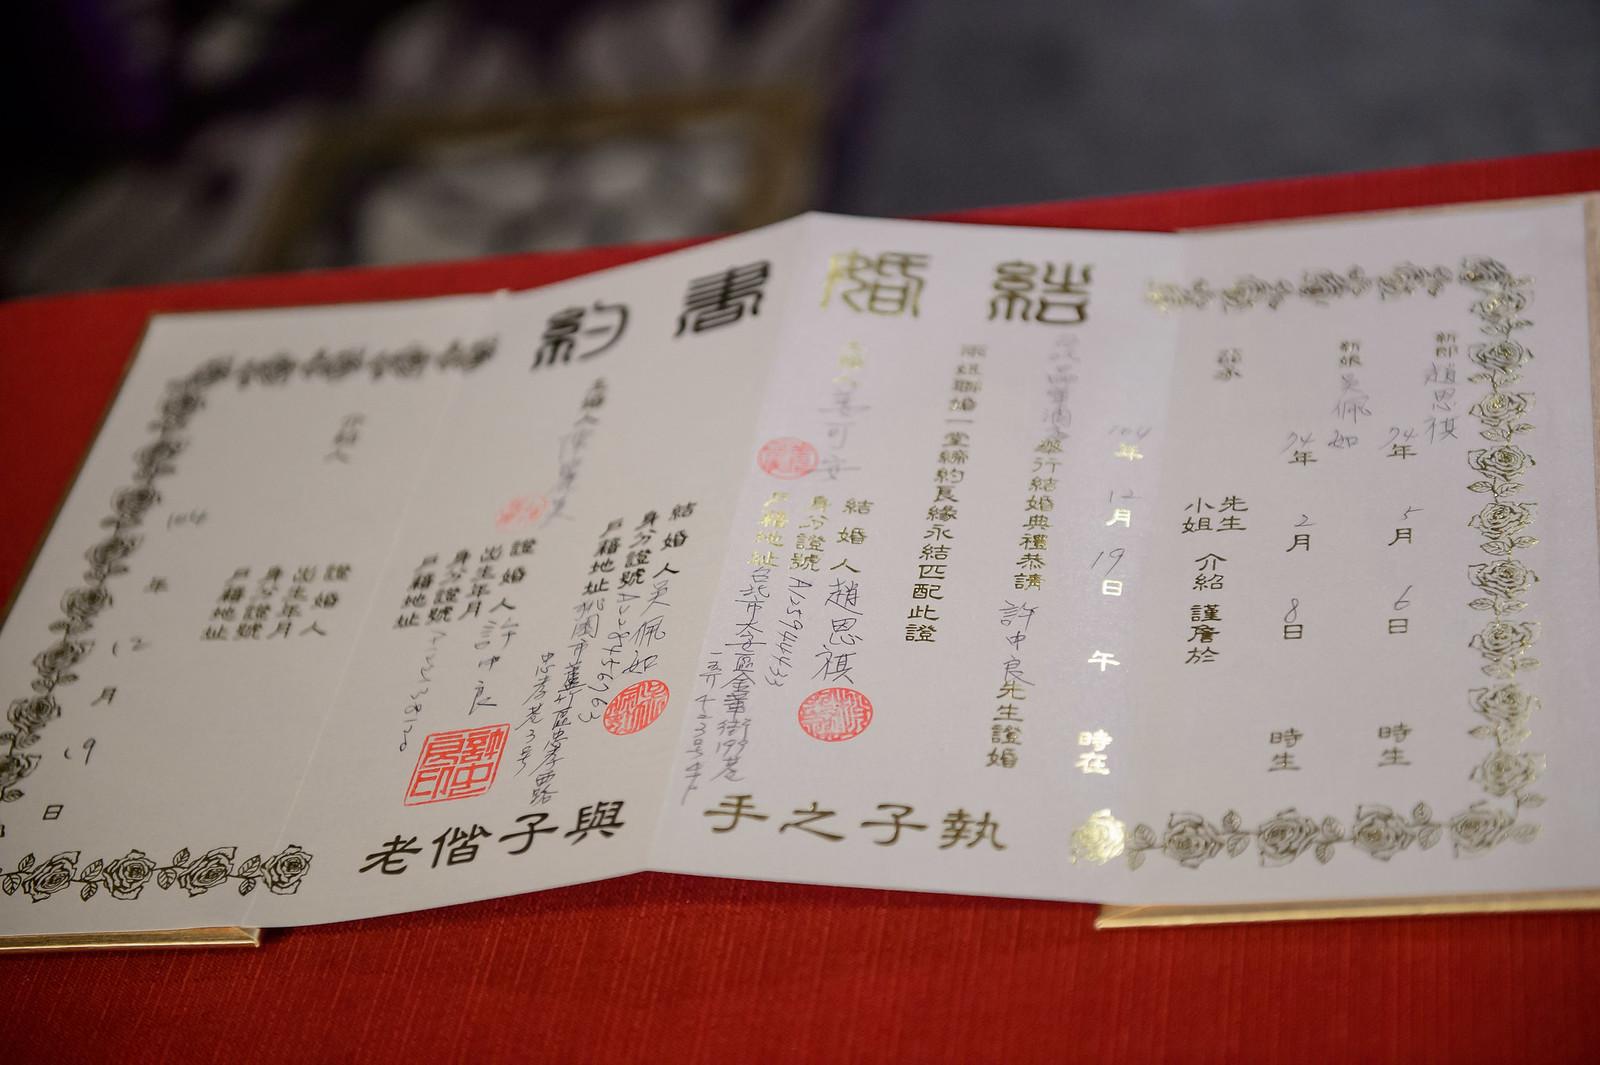 台北婚攝, 婚禮攝影, 婚攝, 婚攝守恆, 婚攝推薦, 晶華酒店, 晶華酒店婚宴, 晶華酒店婚攝-51